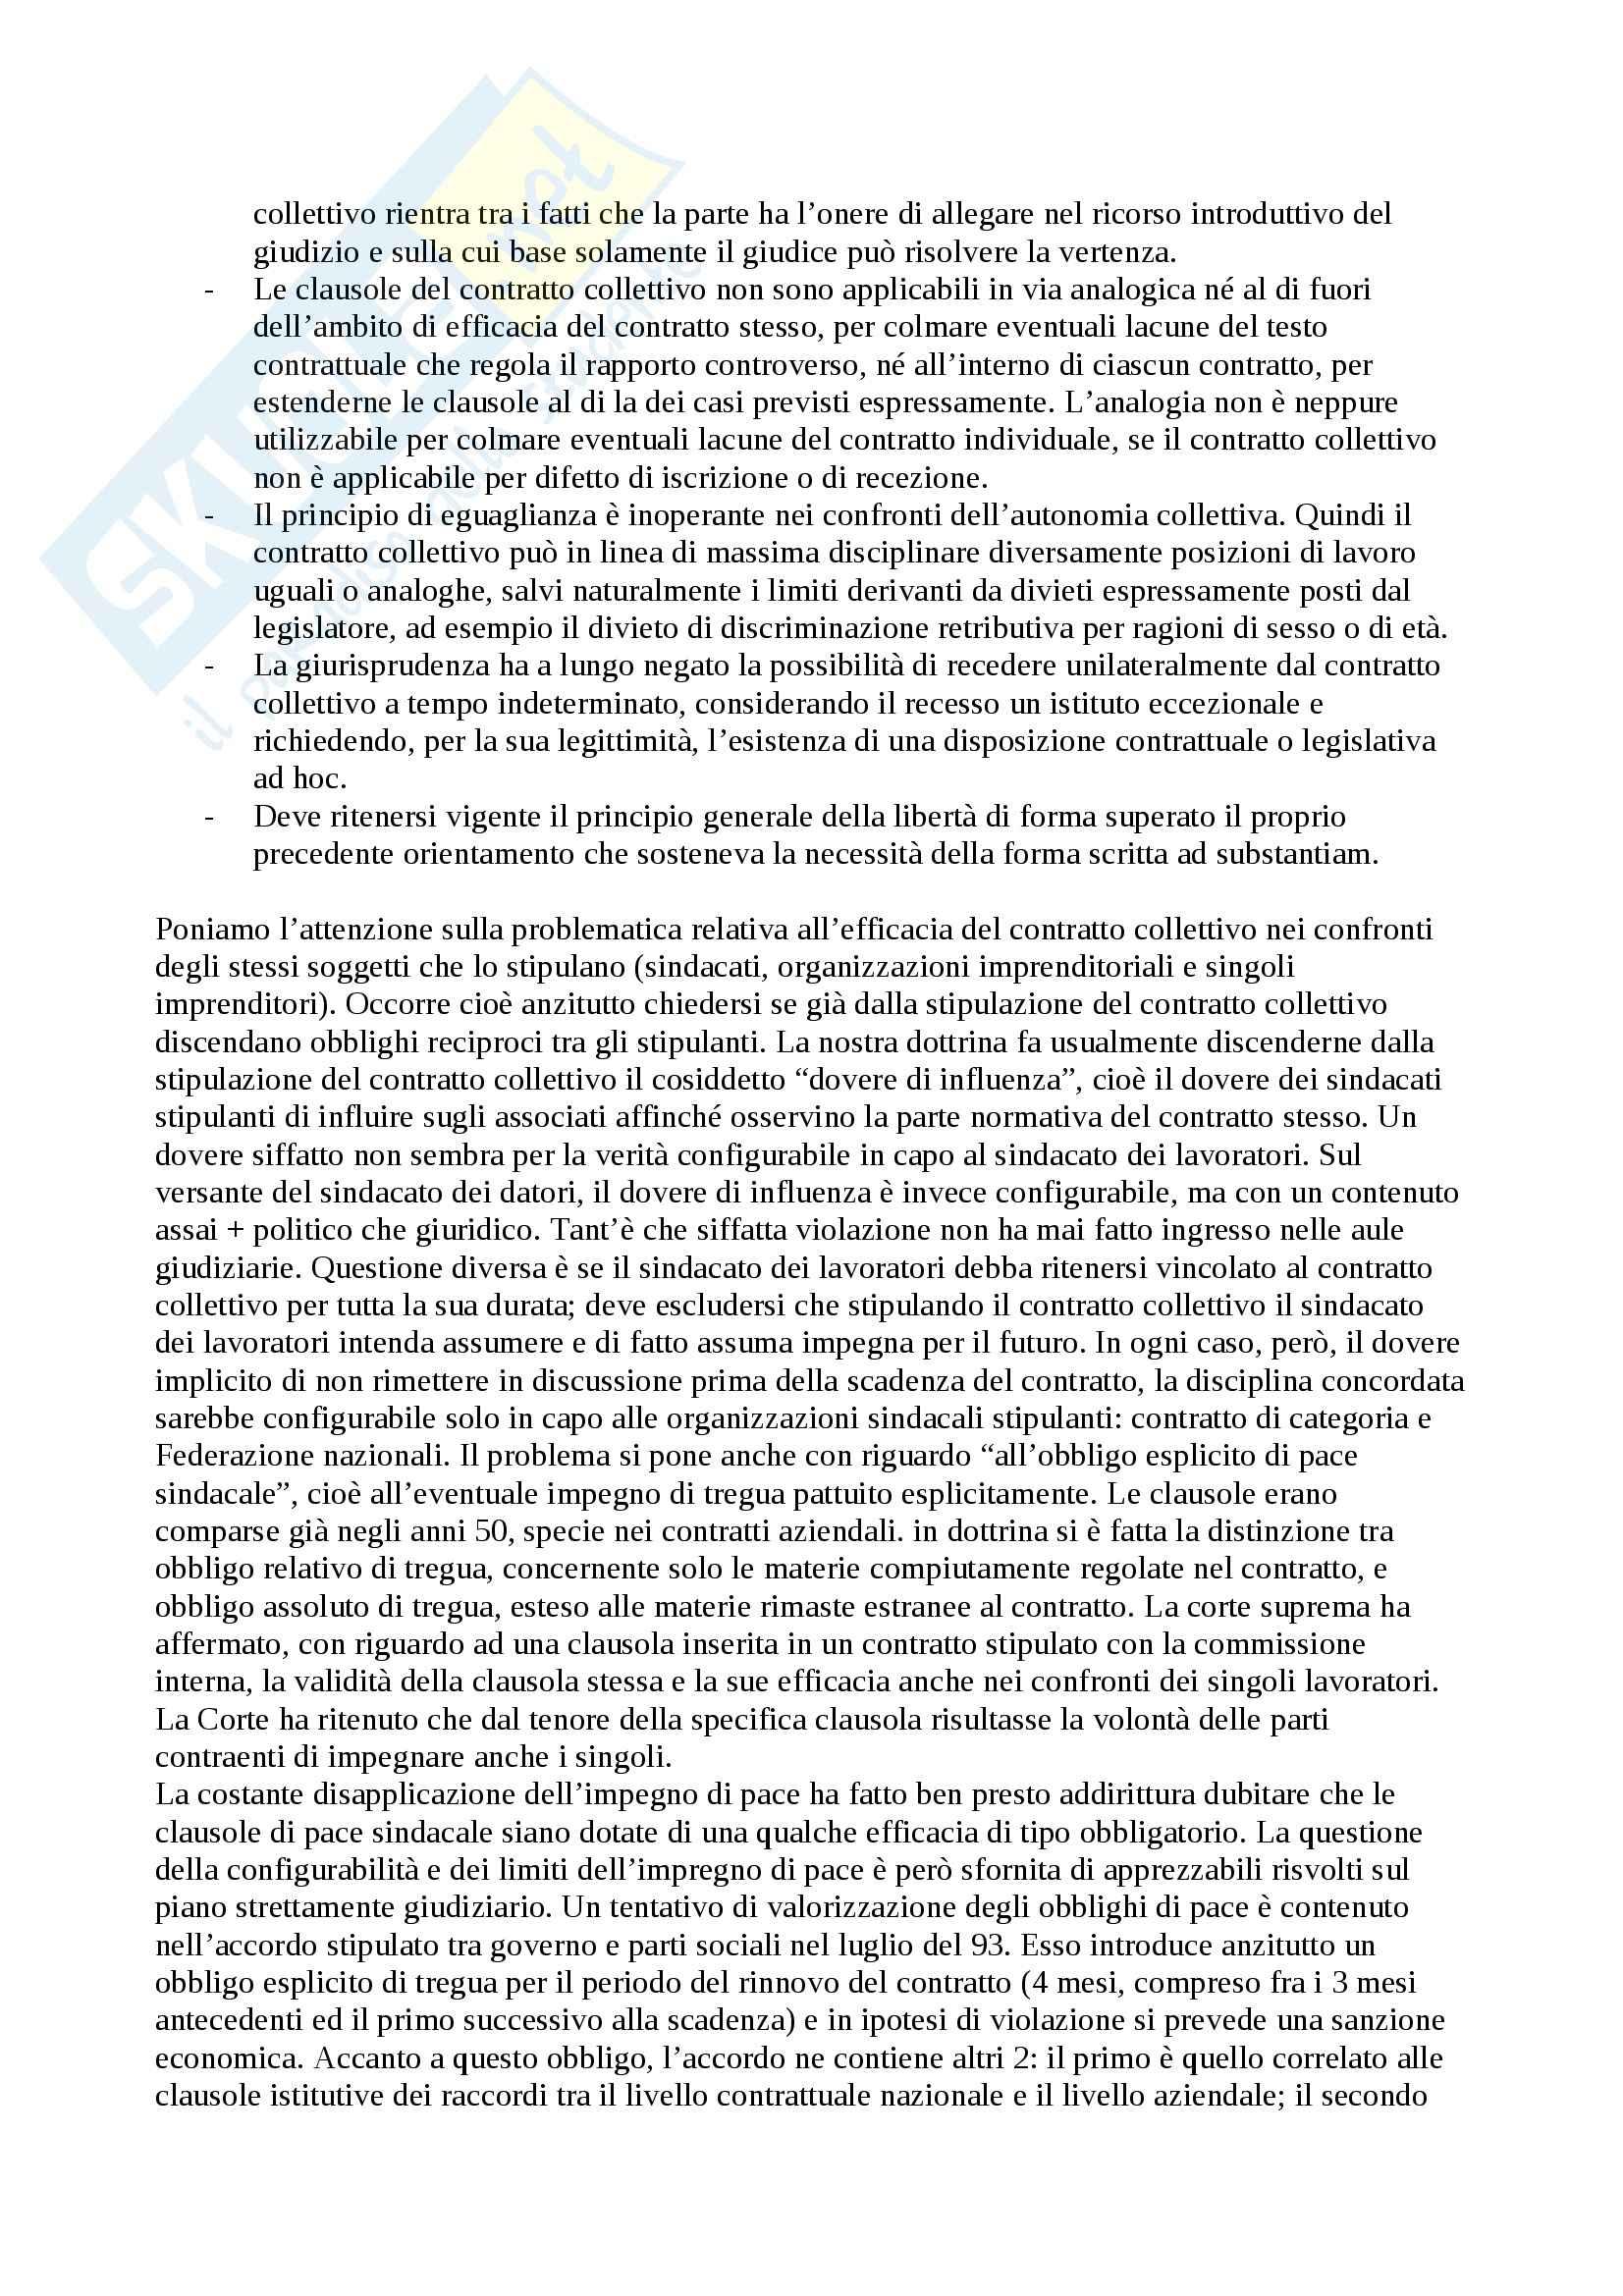 Diritto del lavoro - Appunti Pag. 91